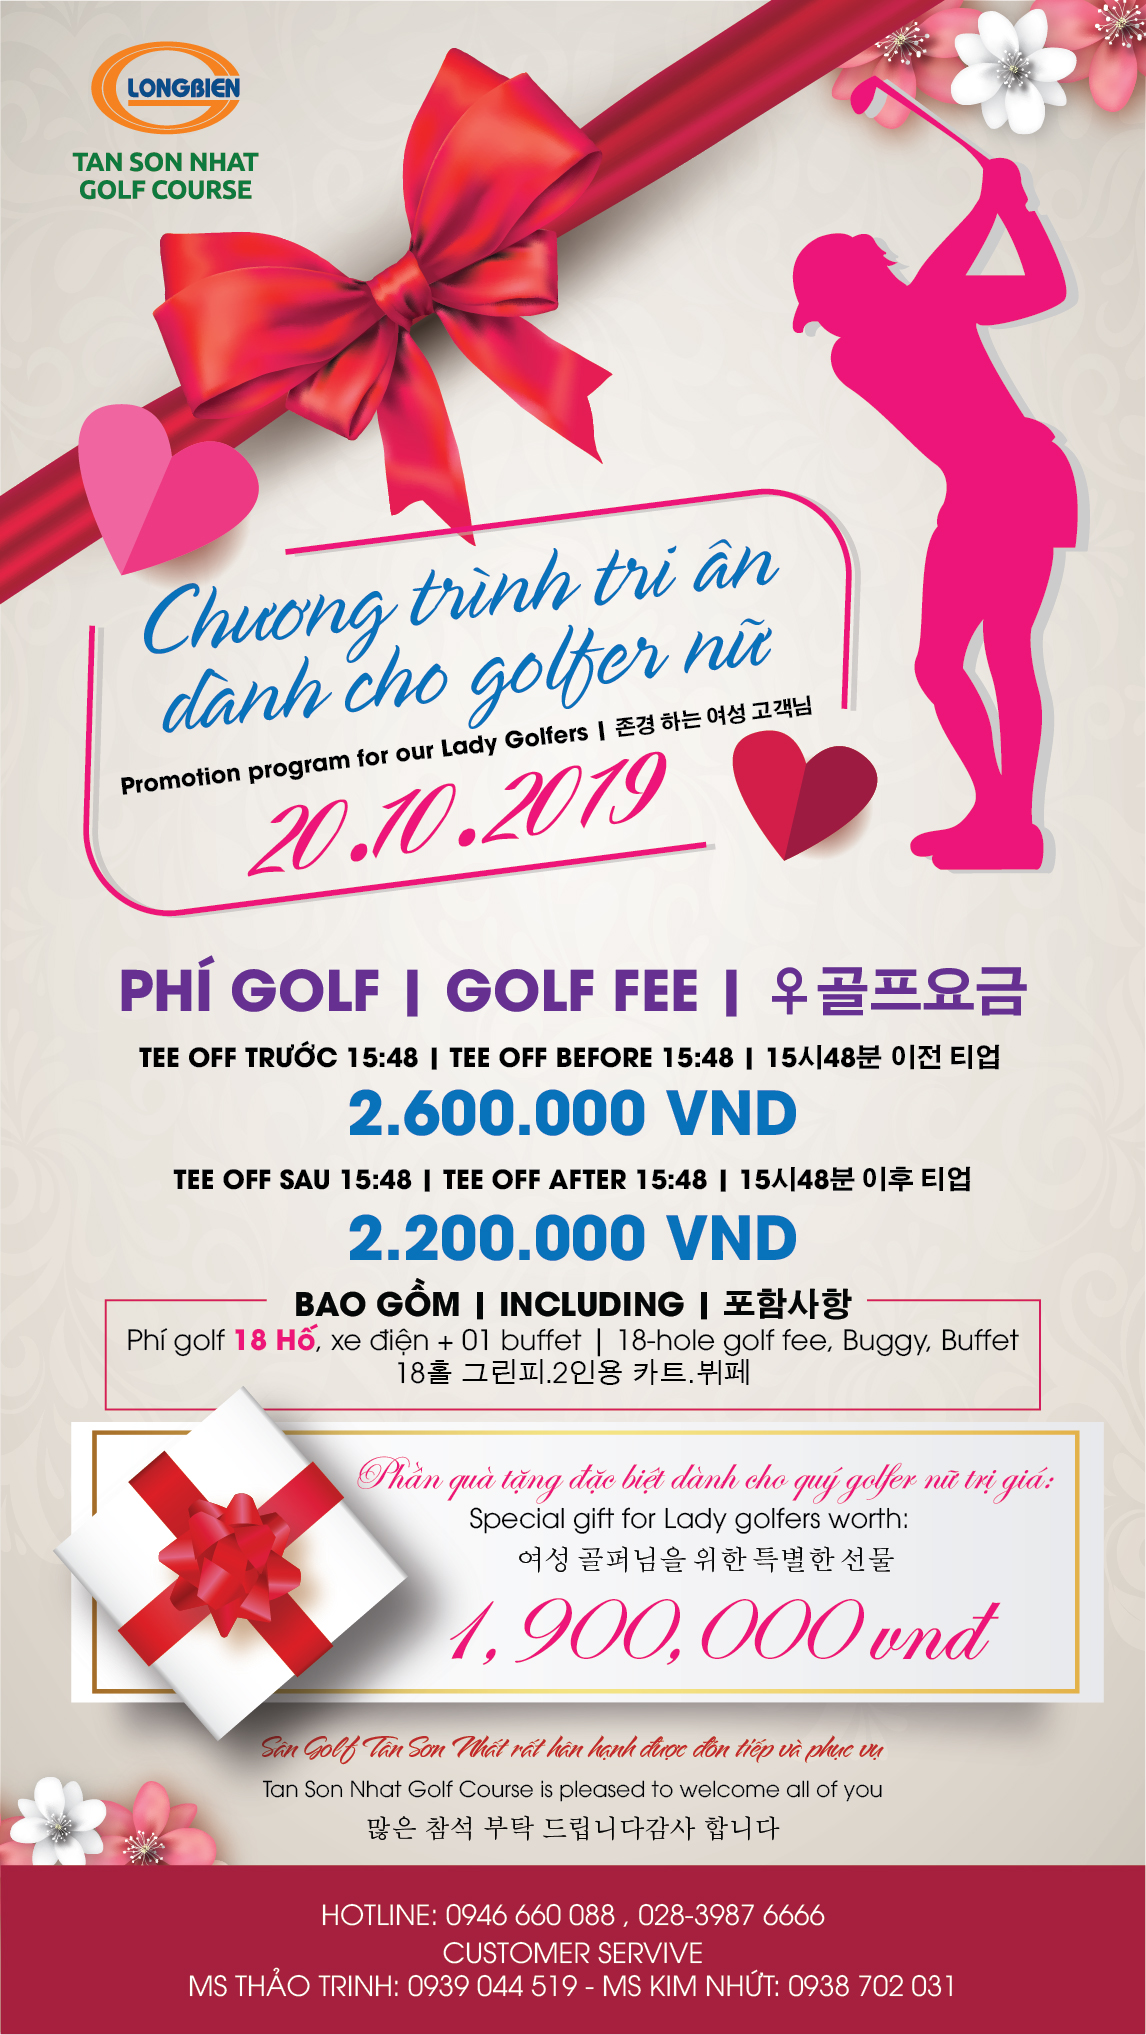 CHÀO MỪNG NGÀY PHỤ NỮ VIỆT NAM 20.10, Sân Golf Tân Sơn Nhất xin dành tặng các golfer nữ ưu đãi đặc biệt: